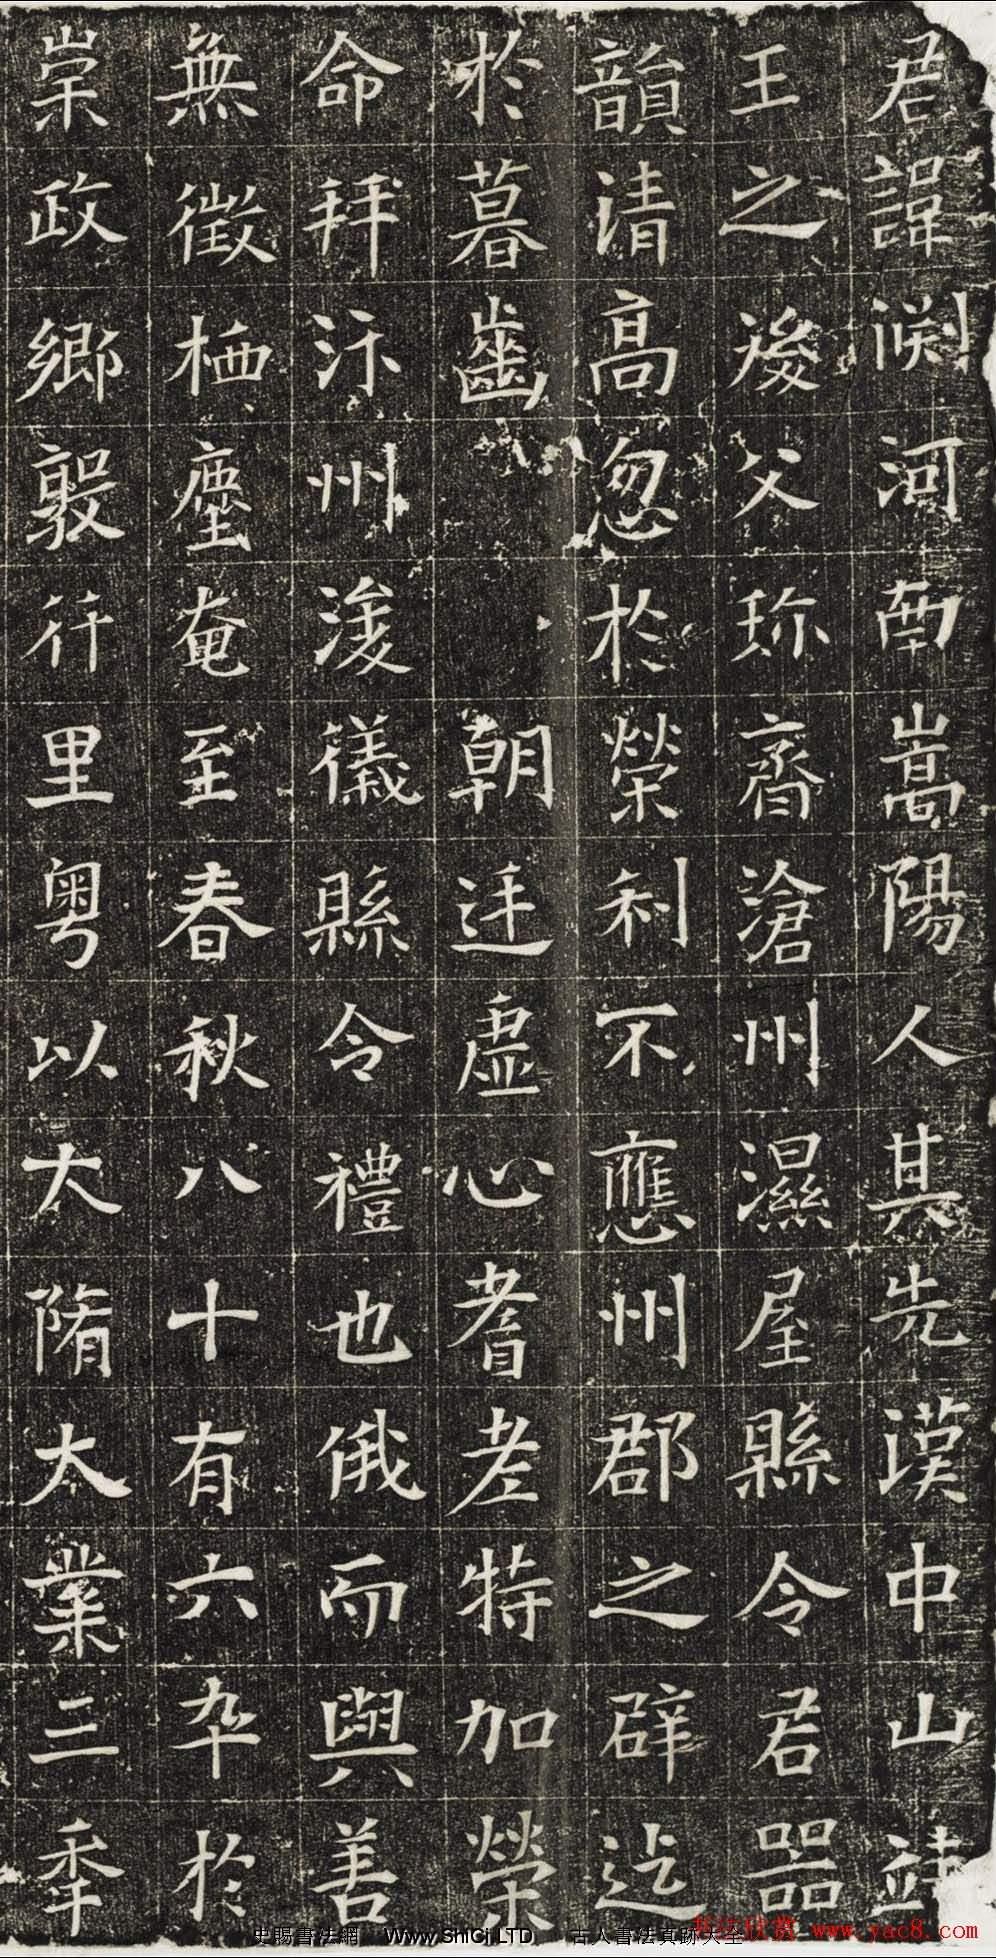 隋代書法石刻欣賞《劉淵墓誌銘》